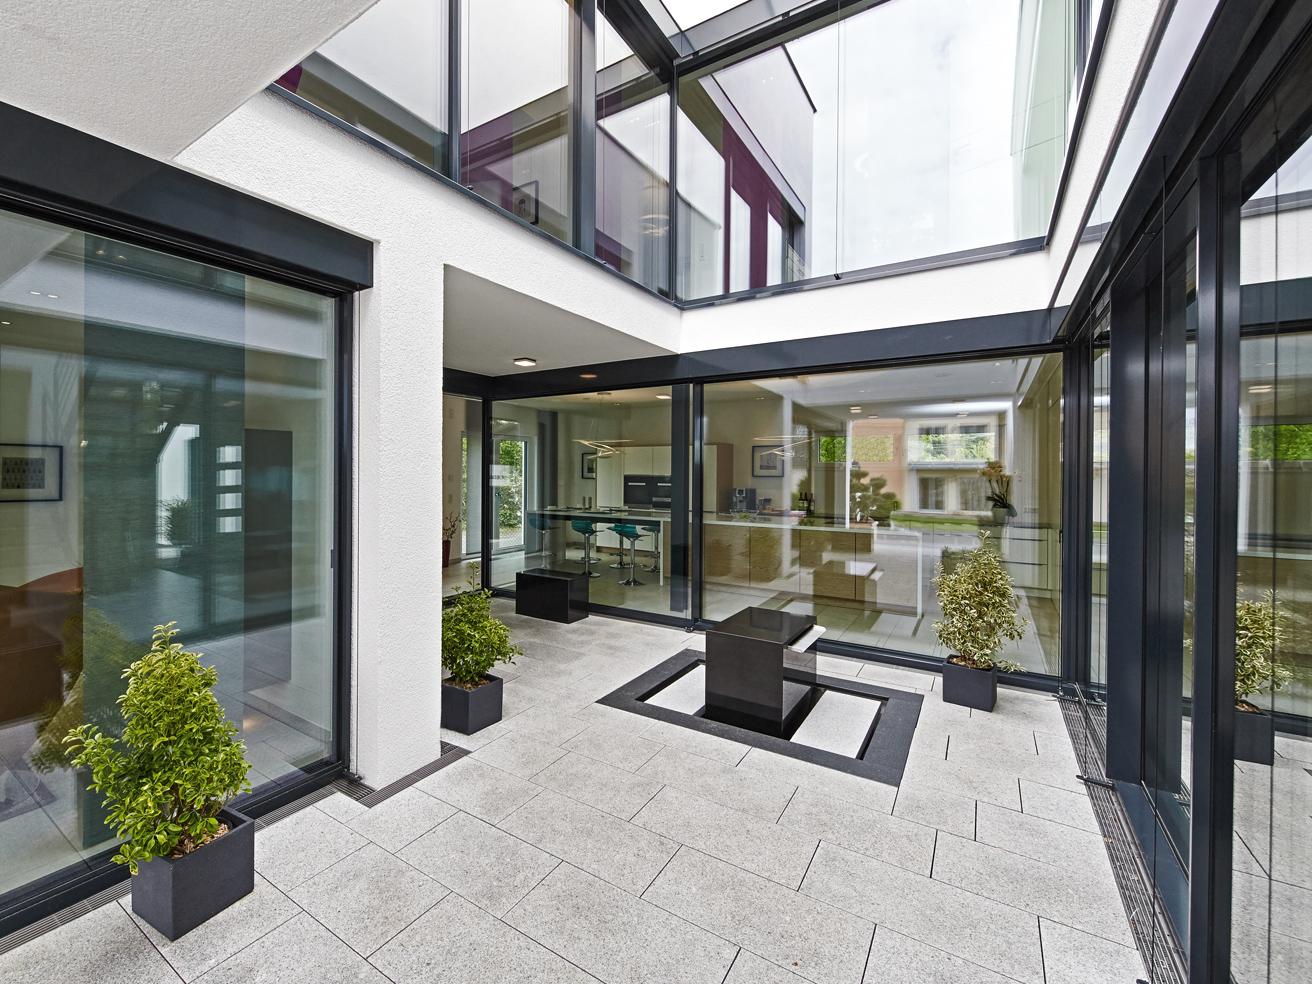 Planungsvorschlag mit atrium for Atriumhaus bauen